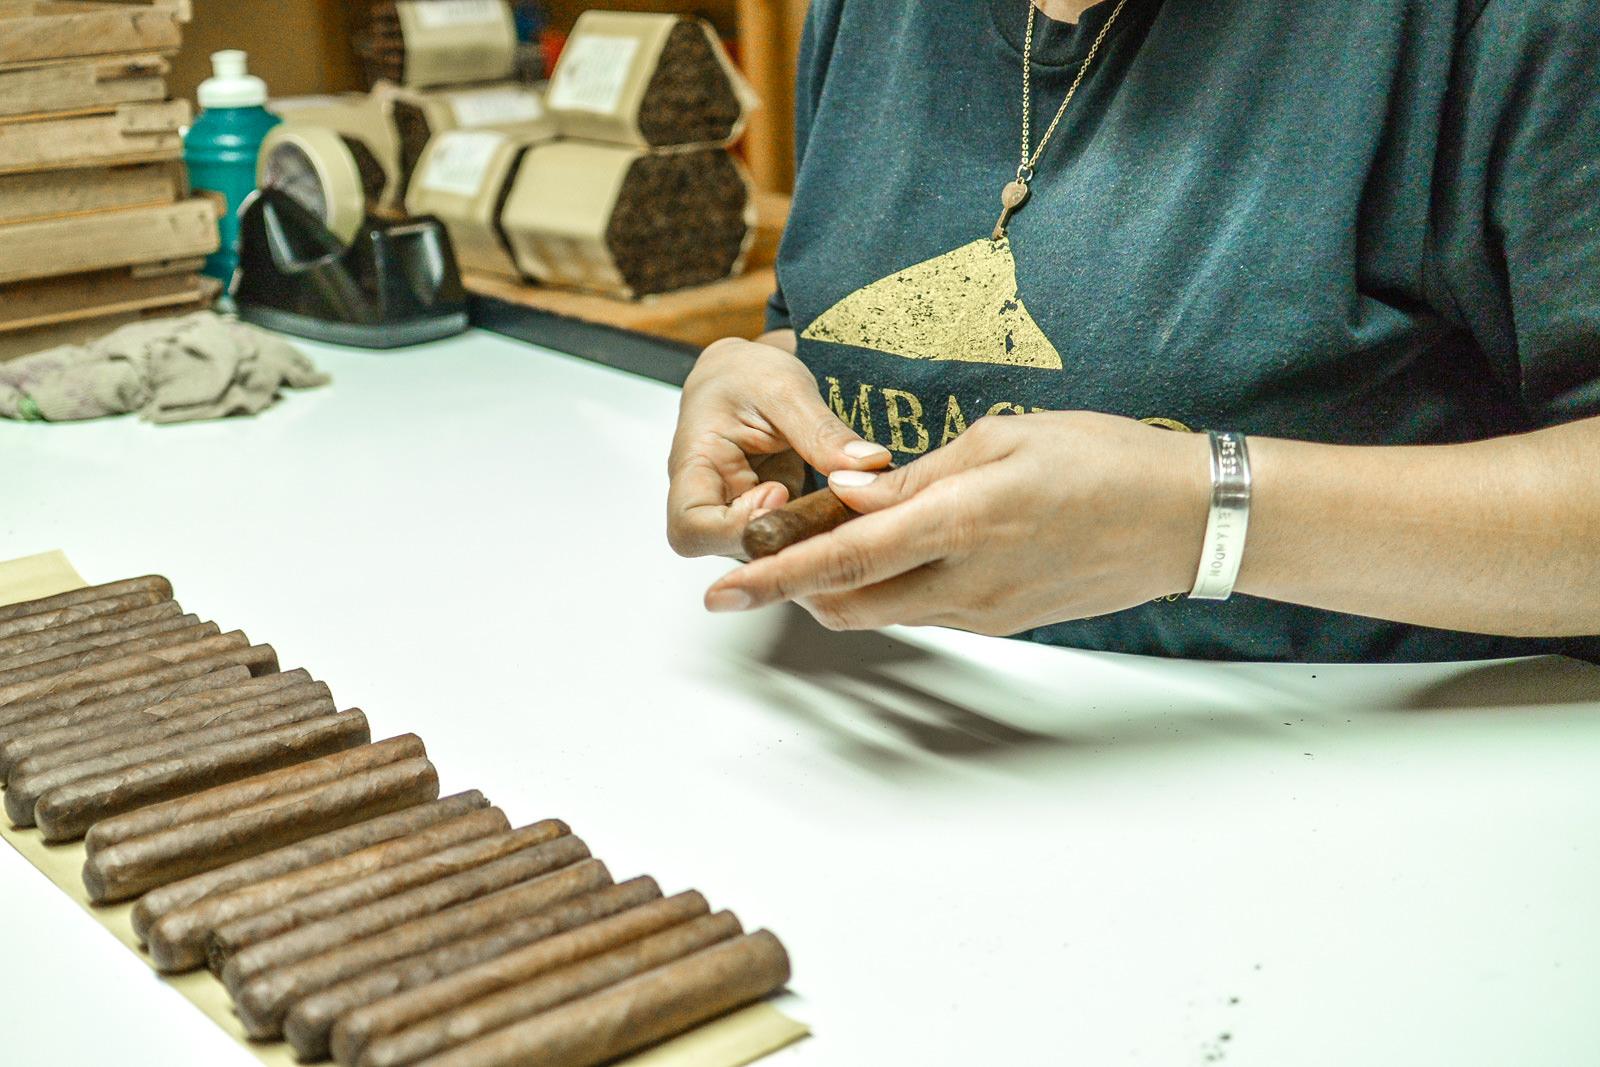 Woman rolling cigars in Granada Nicaragua